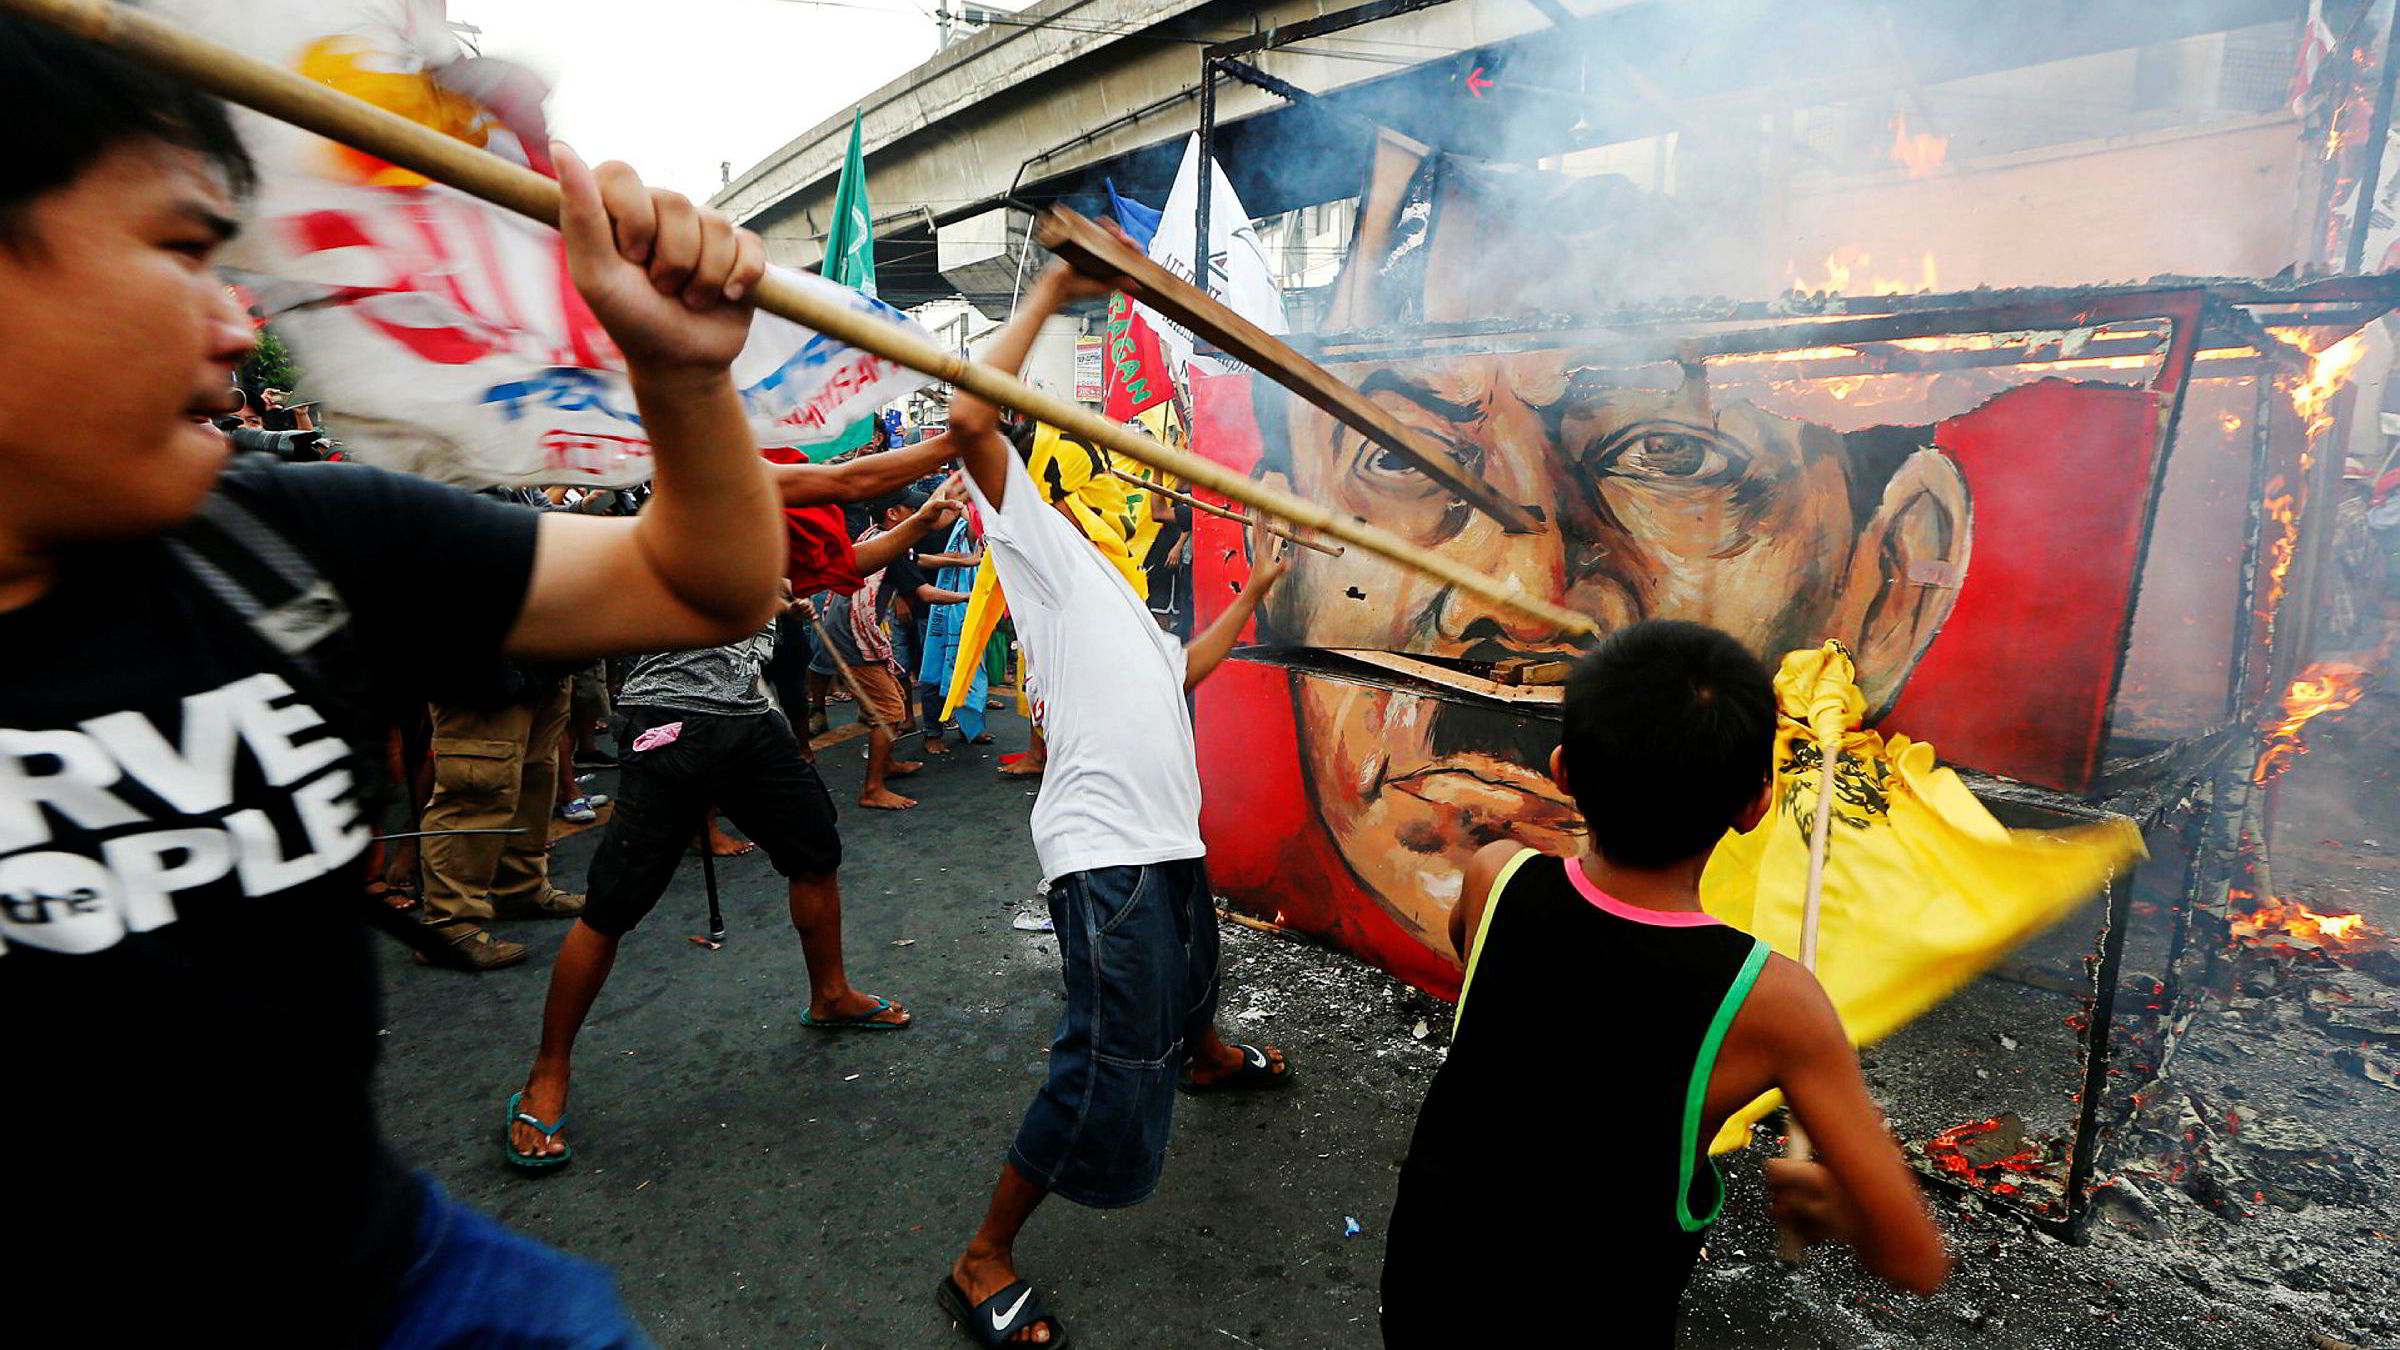 Demonstranter i Filippinenes hovedstad Manila protesterer mot president Rodrigo Dutertes krig mot narkotikabander. FN og menneskerettighetsorganisasjoner mener at presidentens politikk har ført til en voldsspiral.